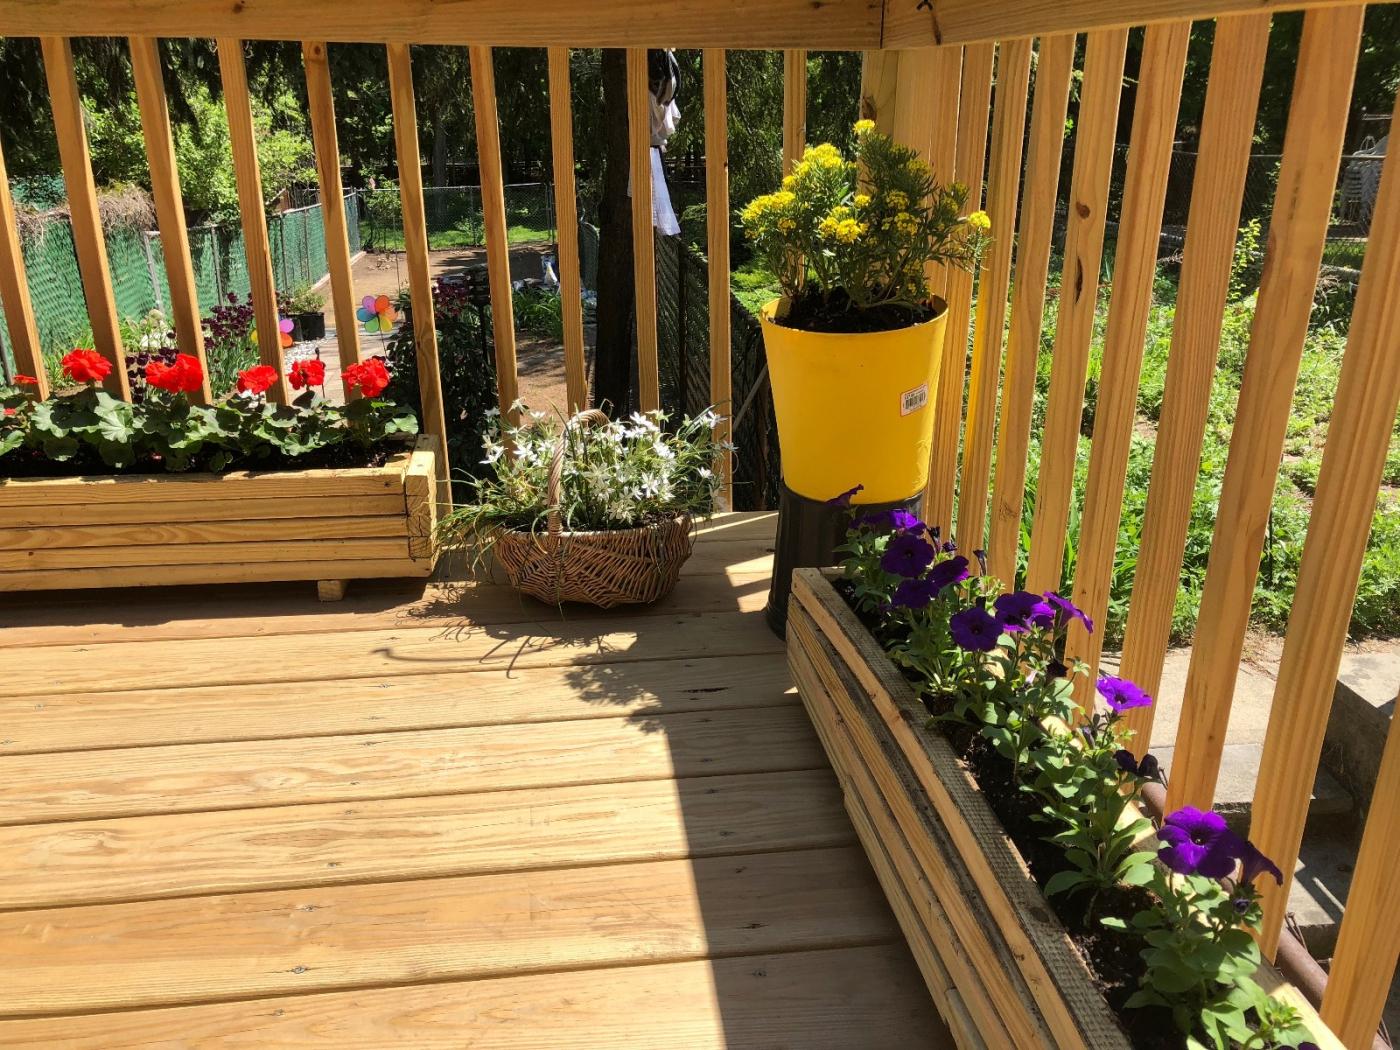 【田螺随拍】分享去THE HOME DEPOT红地铺买花的经验_图1-10